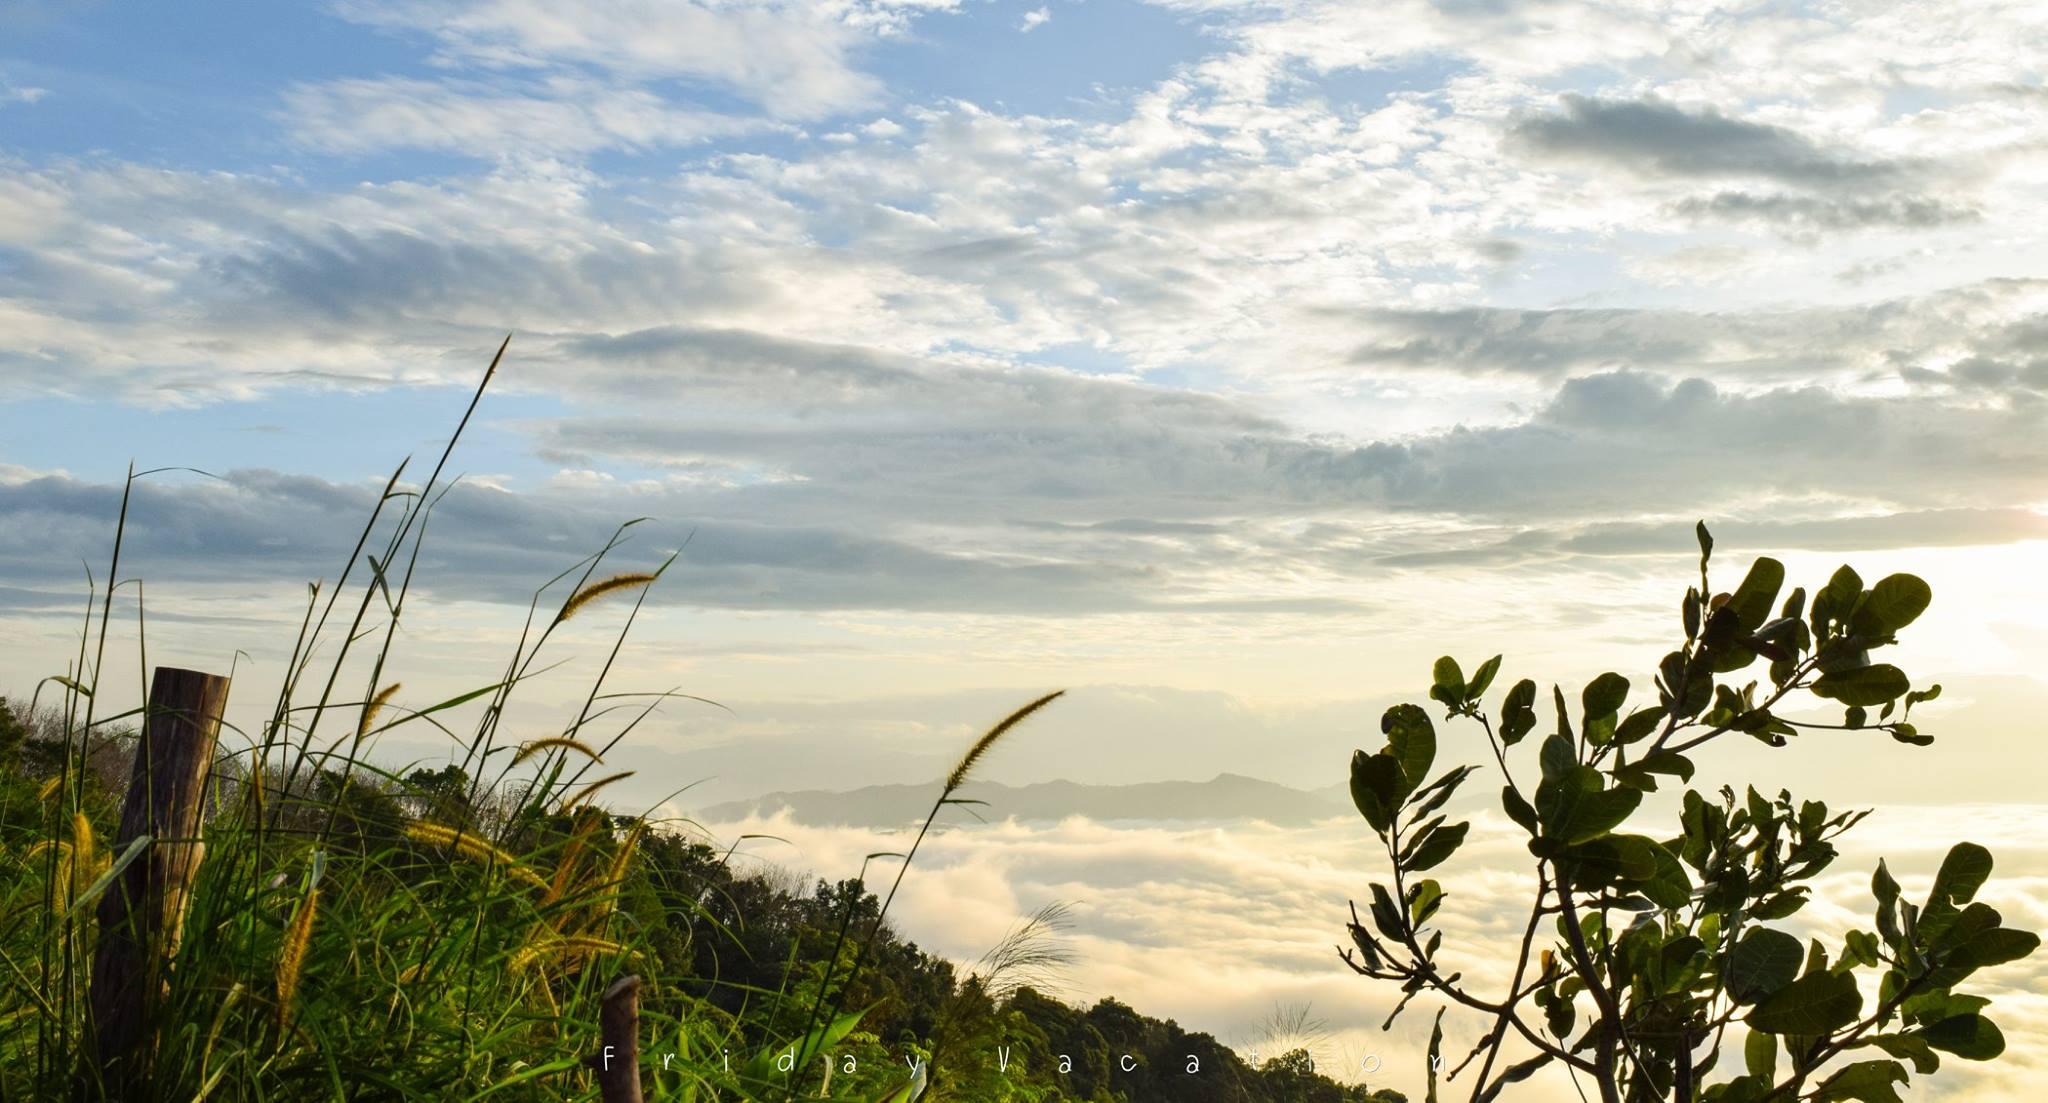 ฝนนี้ที่เมืองคอน นอนดูทะเลหมอกเขาศุนย์ นครศรีดีย์